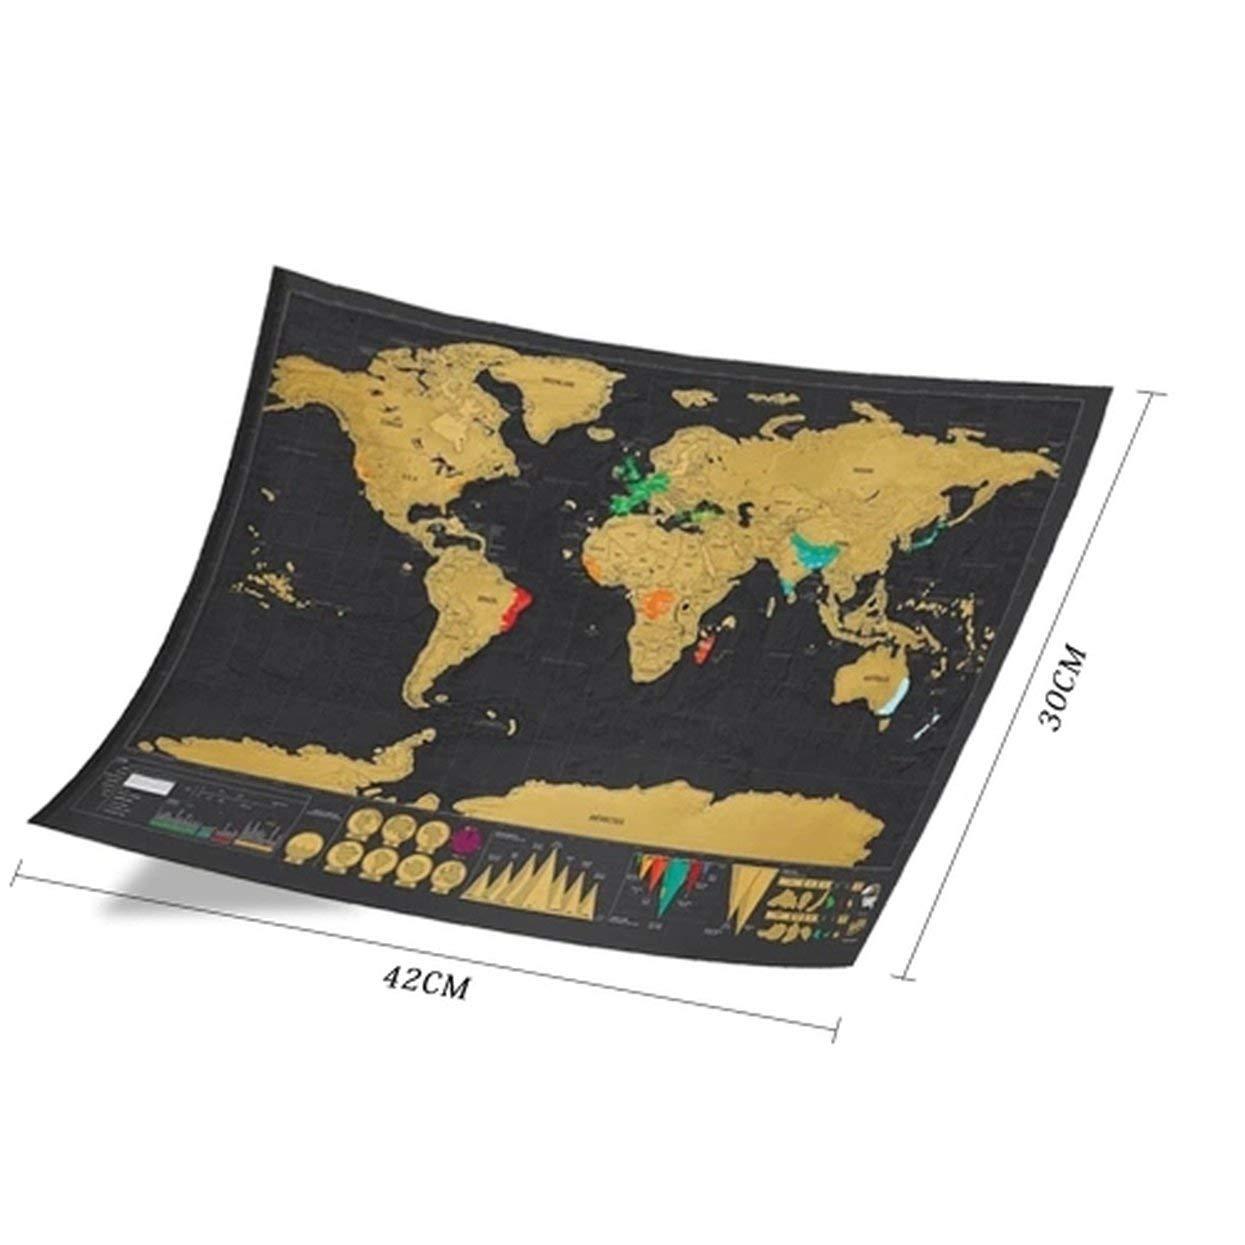 Papier /à gratter Tree-on-Life Version de Carte /à gratter Noire Grande Ceinture Empreinte Voyage Cadeau cr/éatif